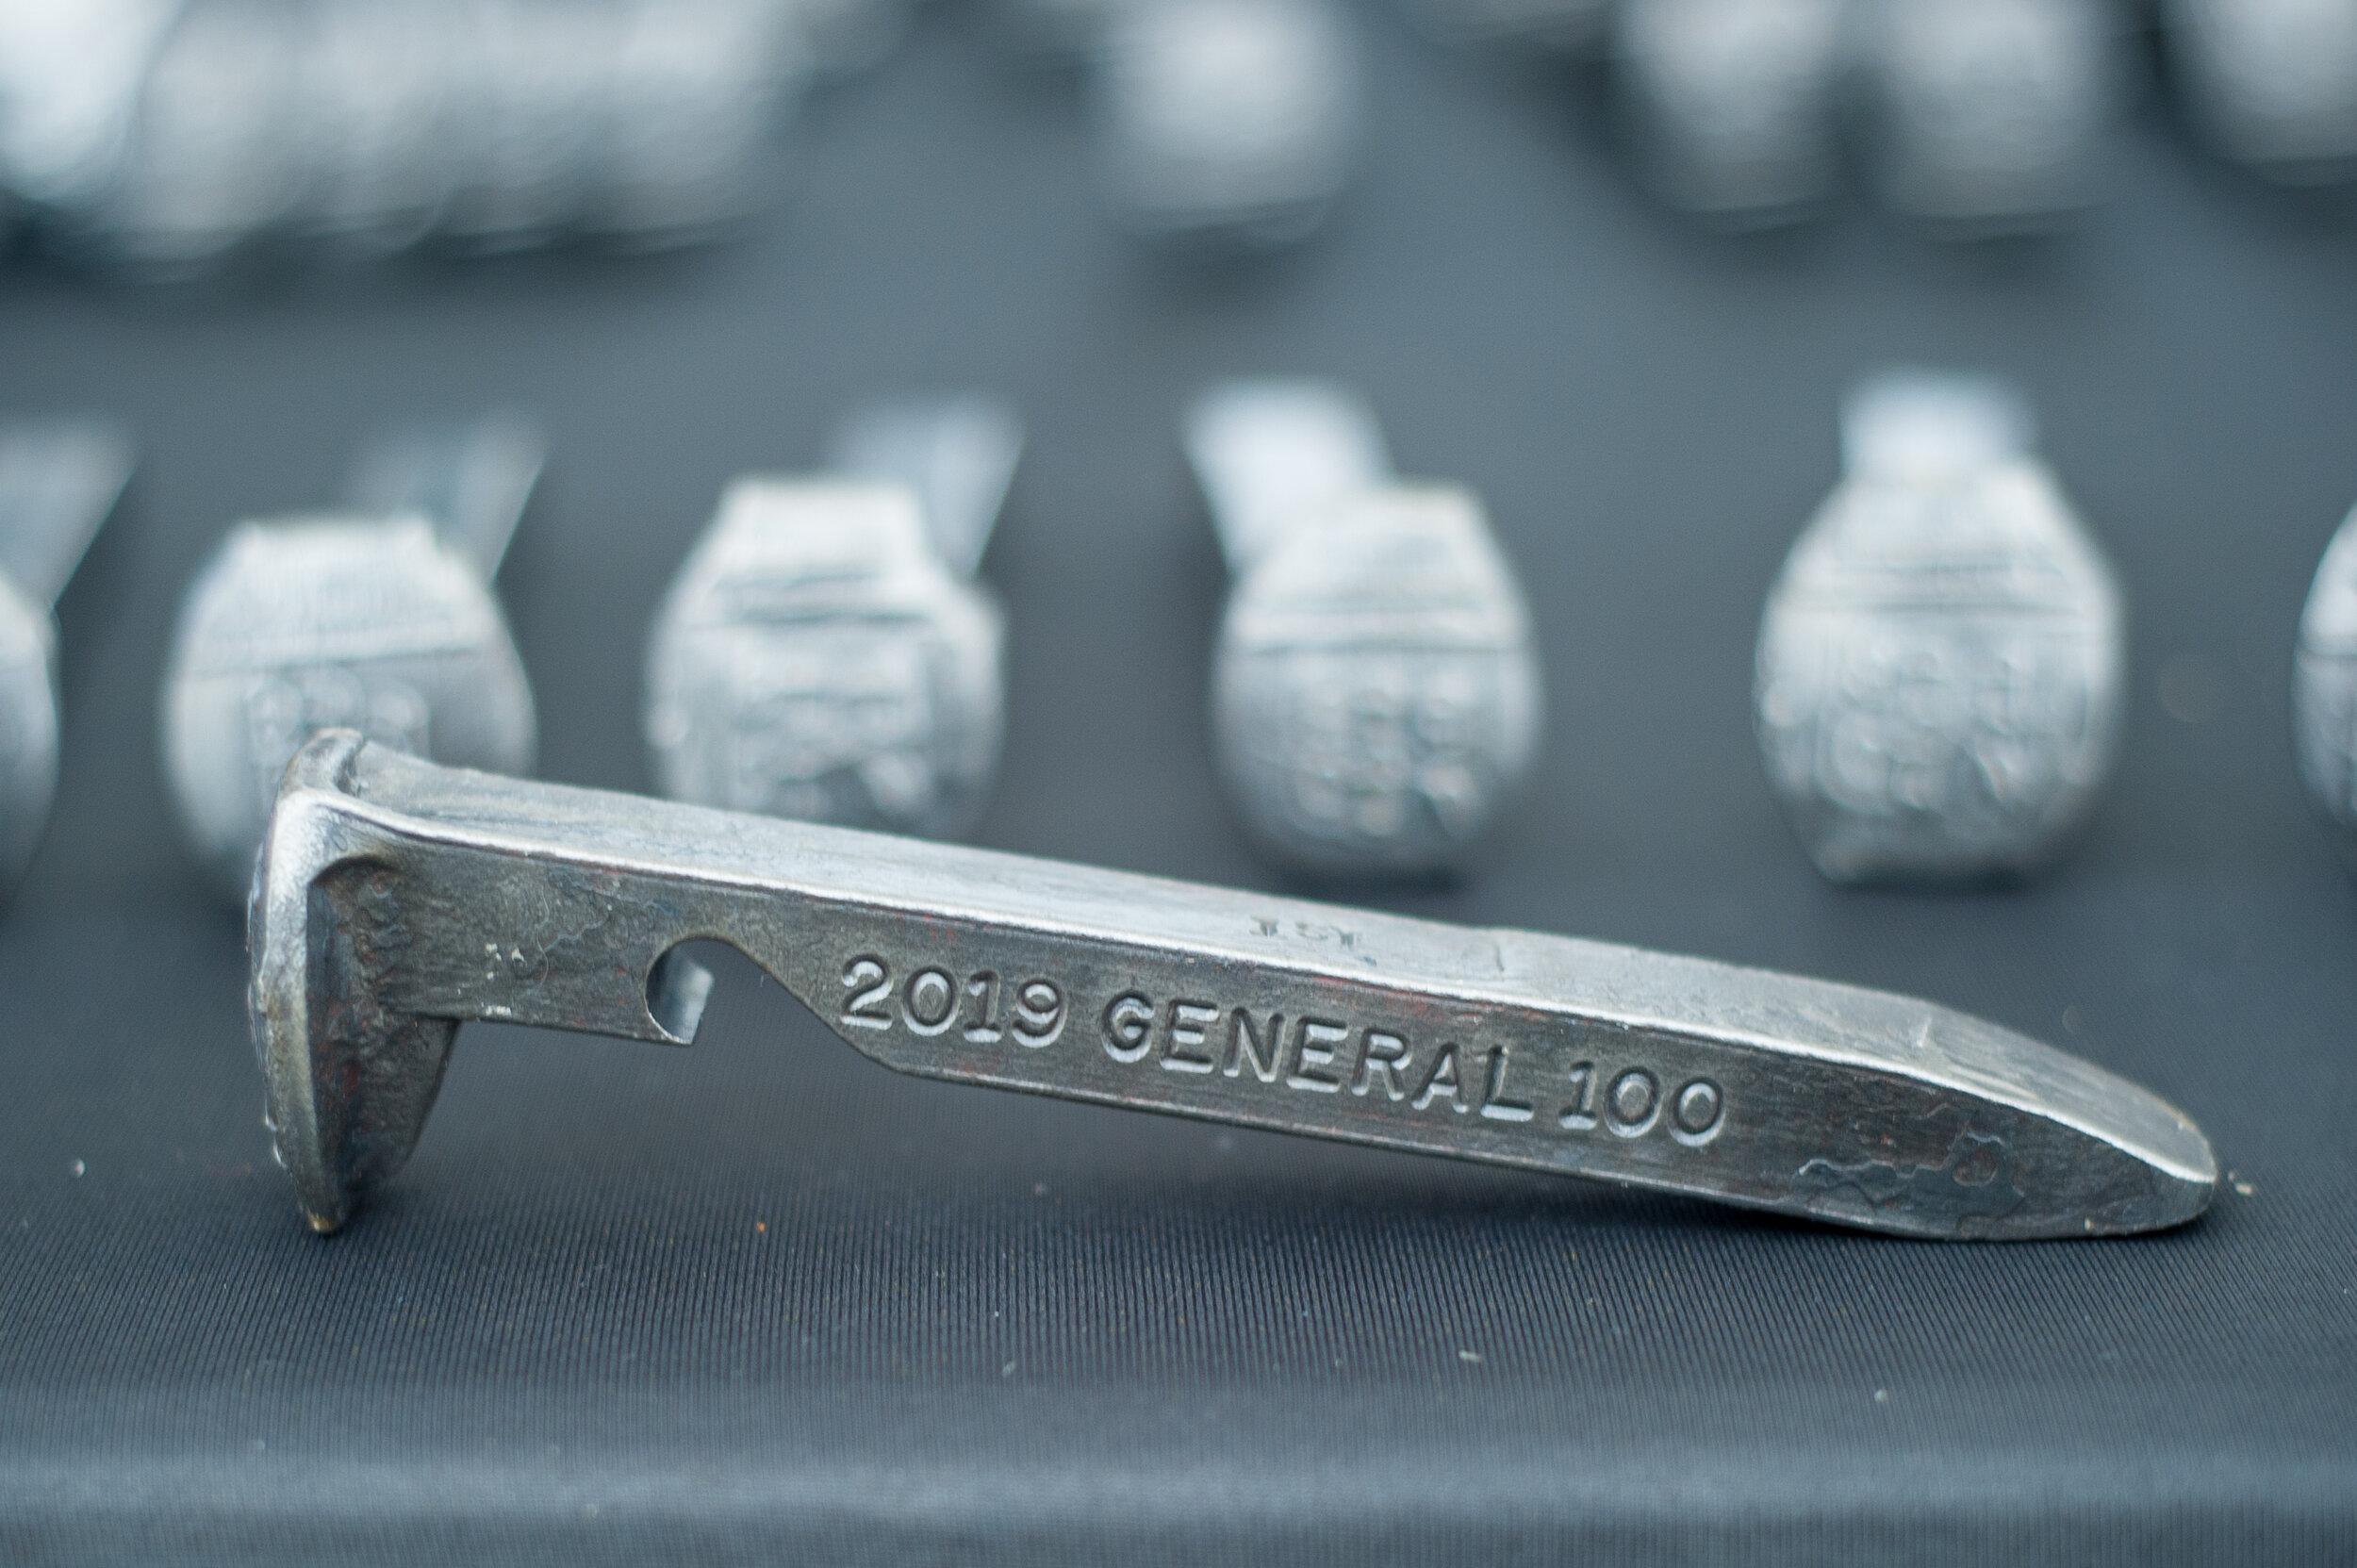 General100-27.jpg